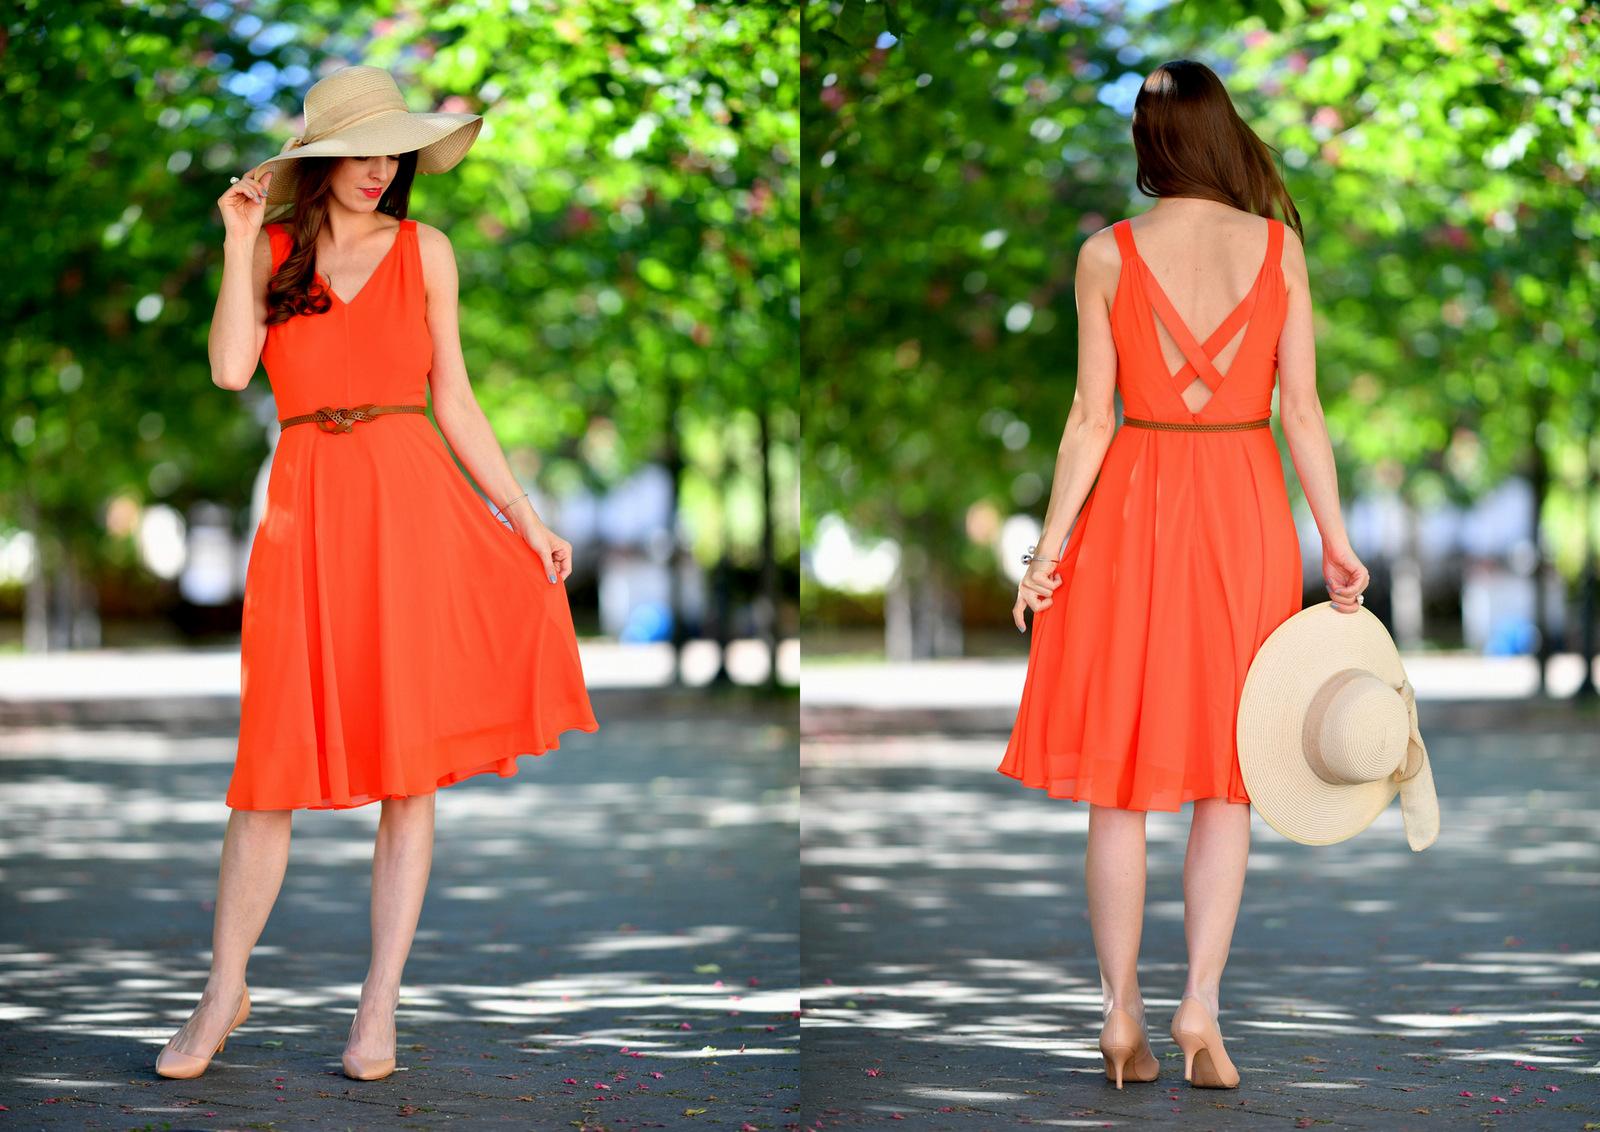 zažiarte v oranžových šatách na letnej svadbe alebo záhradnej párty // tipy ako zvoliť správne doplnky k šifónovým šatám